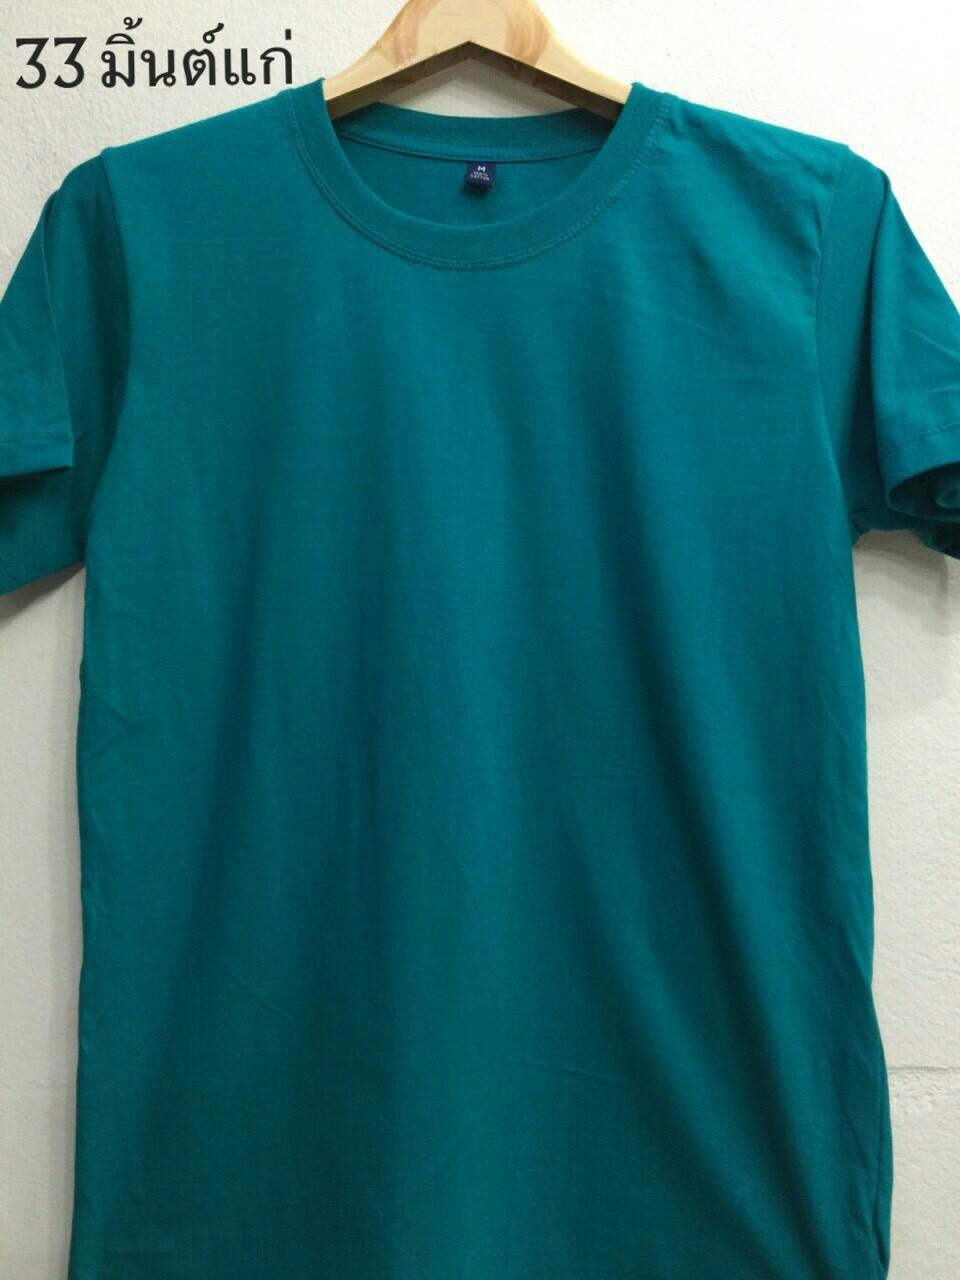 เสื้อ Cotton สีมิ้นแก่ ไซส์ S,M,L